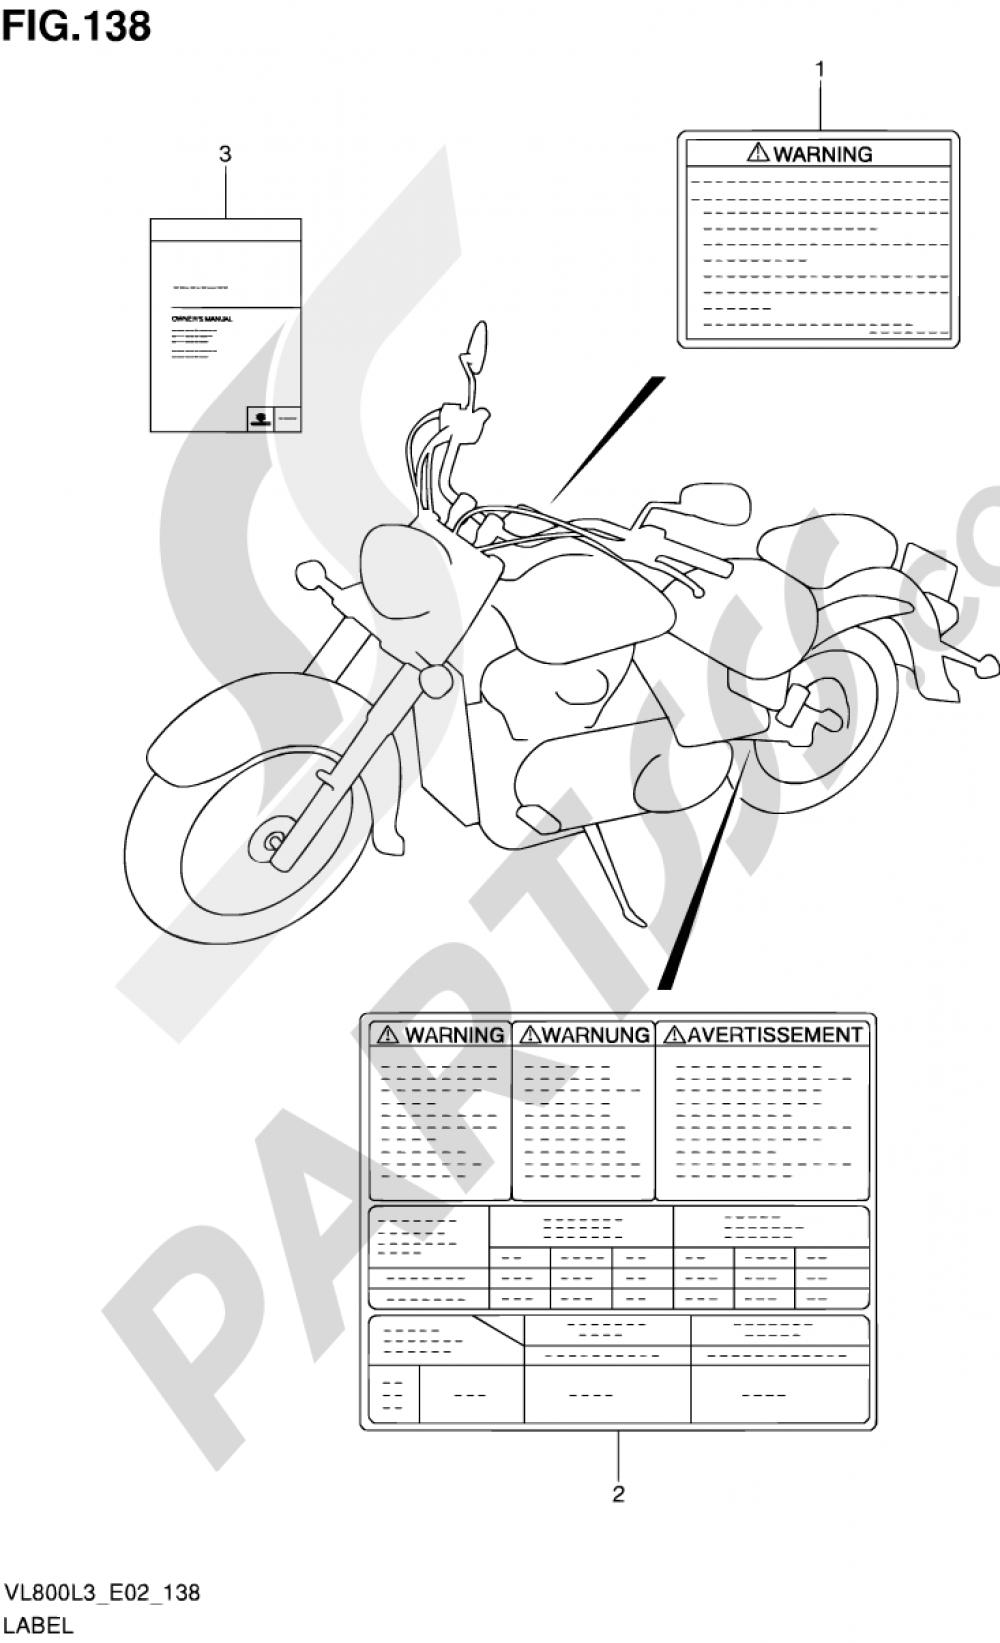 138 Label Vl800l3 E24 Suzuki Intruder Vl800 2013 Wiring Diagrams